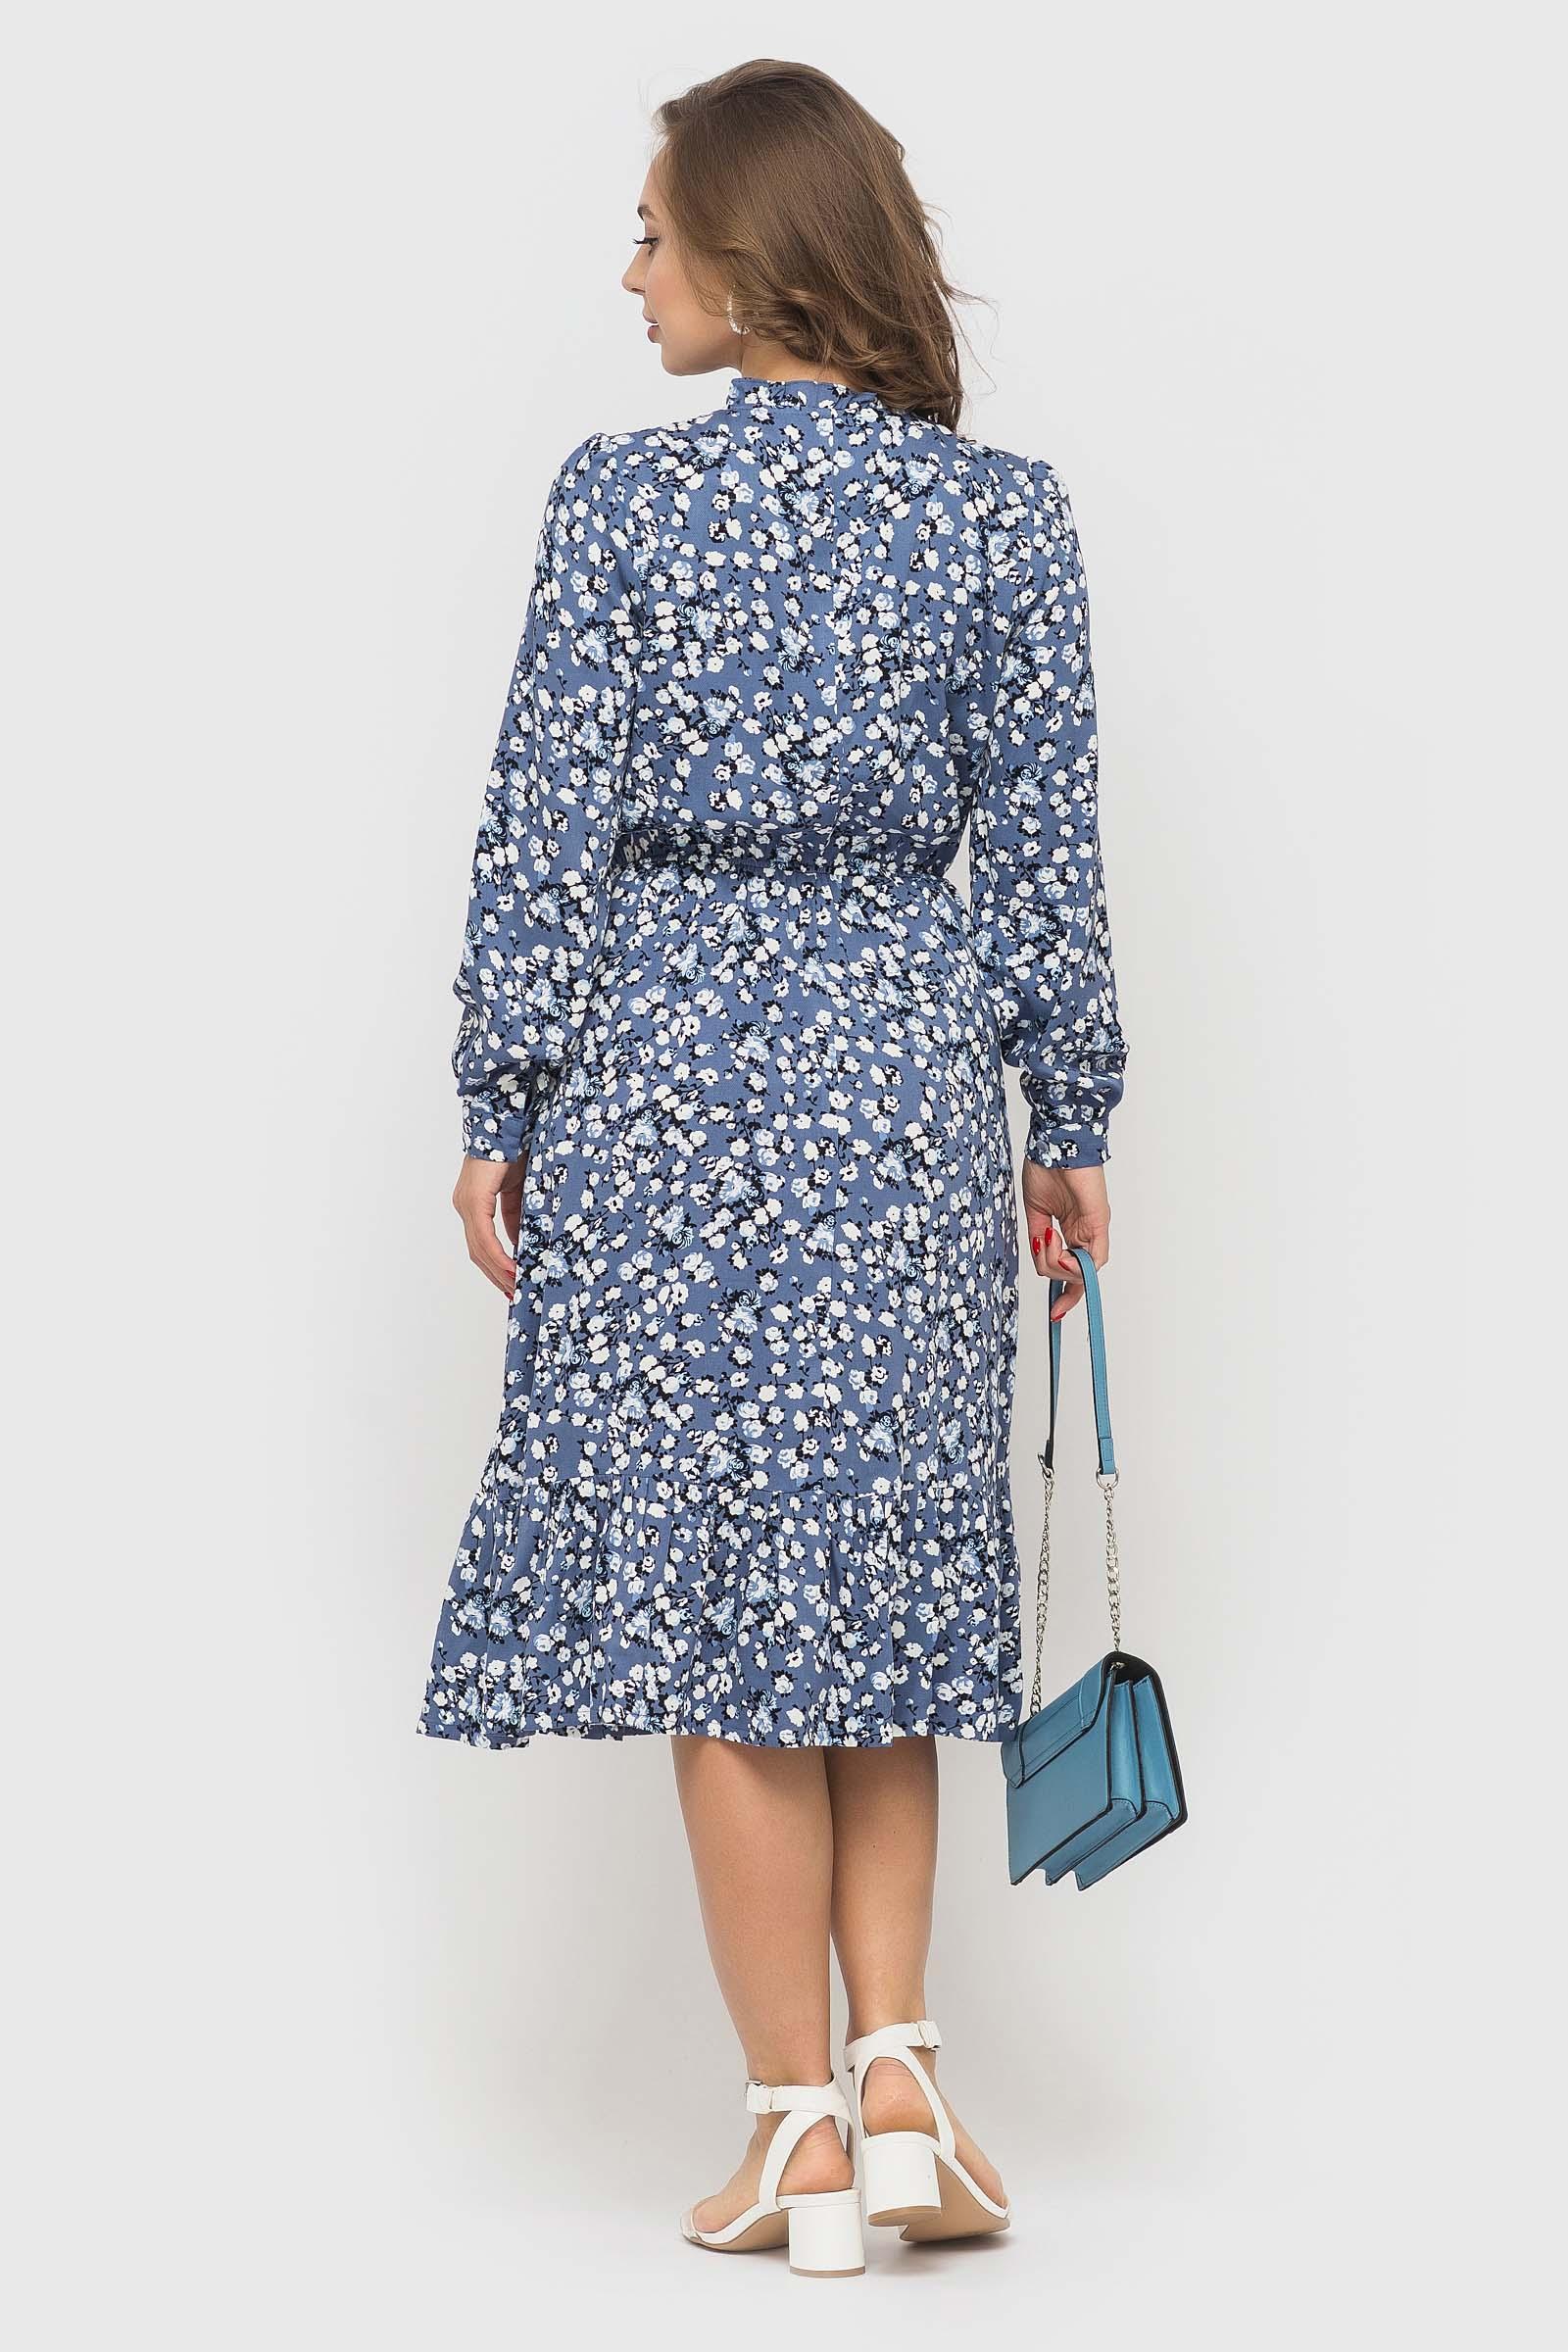 be art 2020 04 07181918 Купить платье